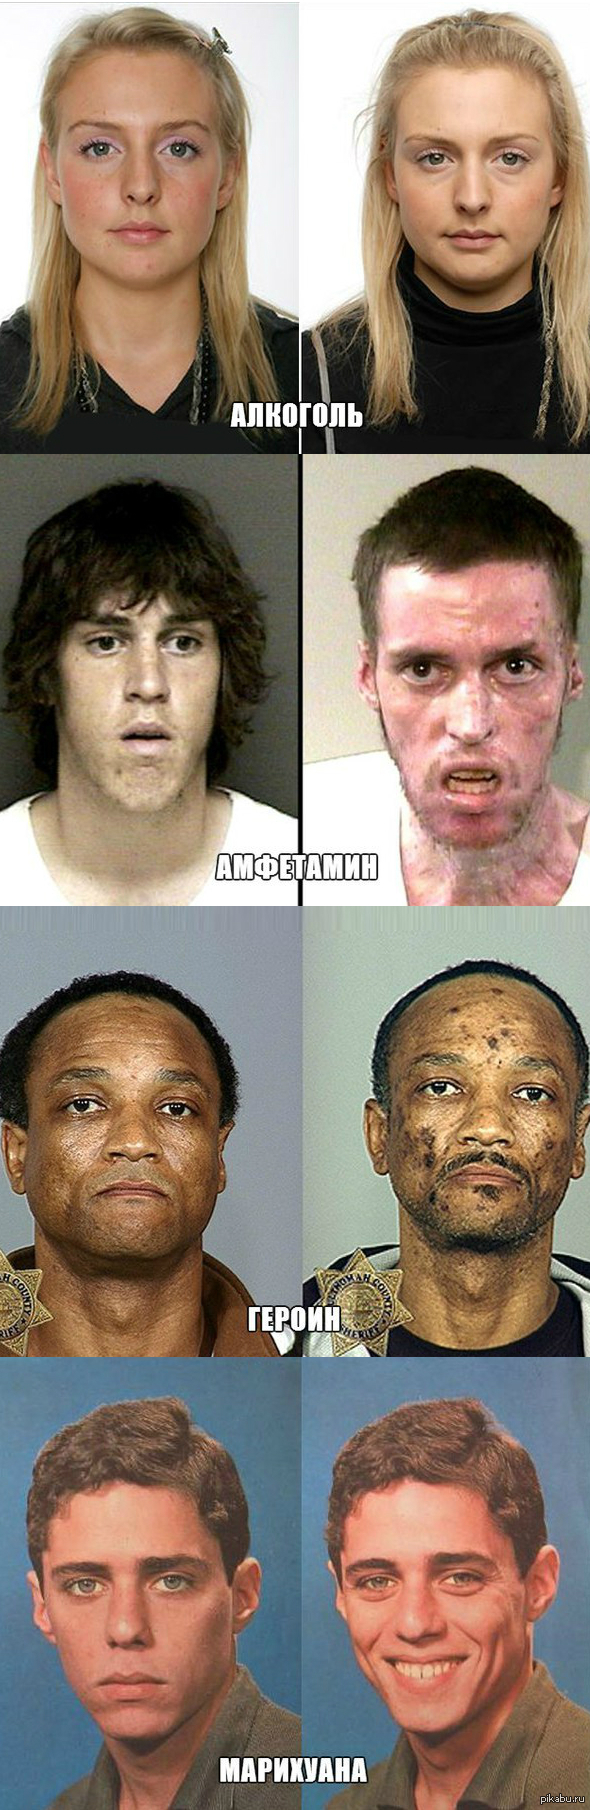 Фото до и после курения марихуаны как избавиться от зависимости курить марихуану